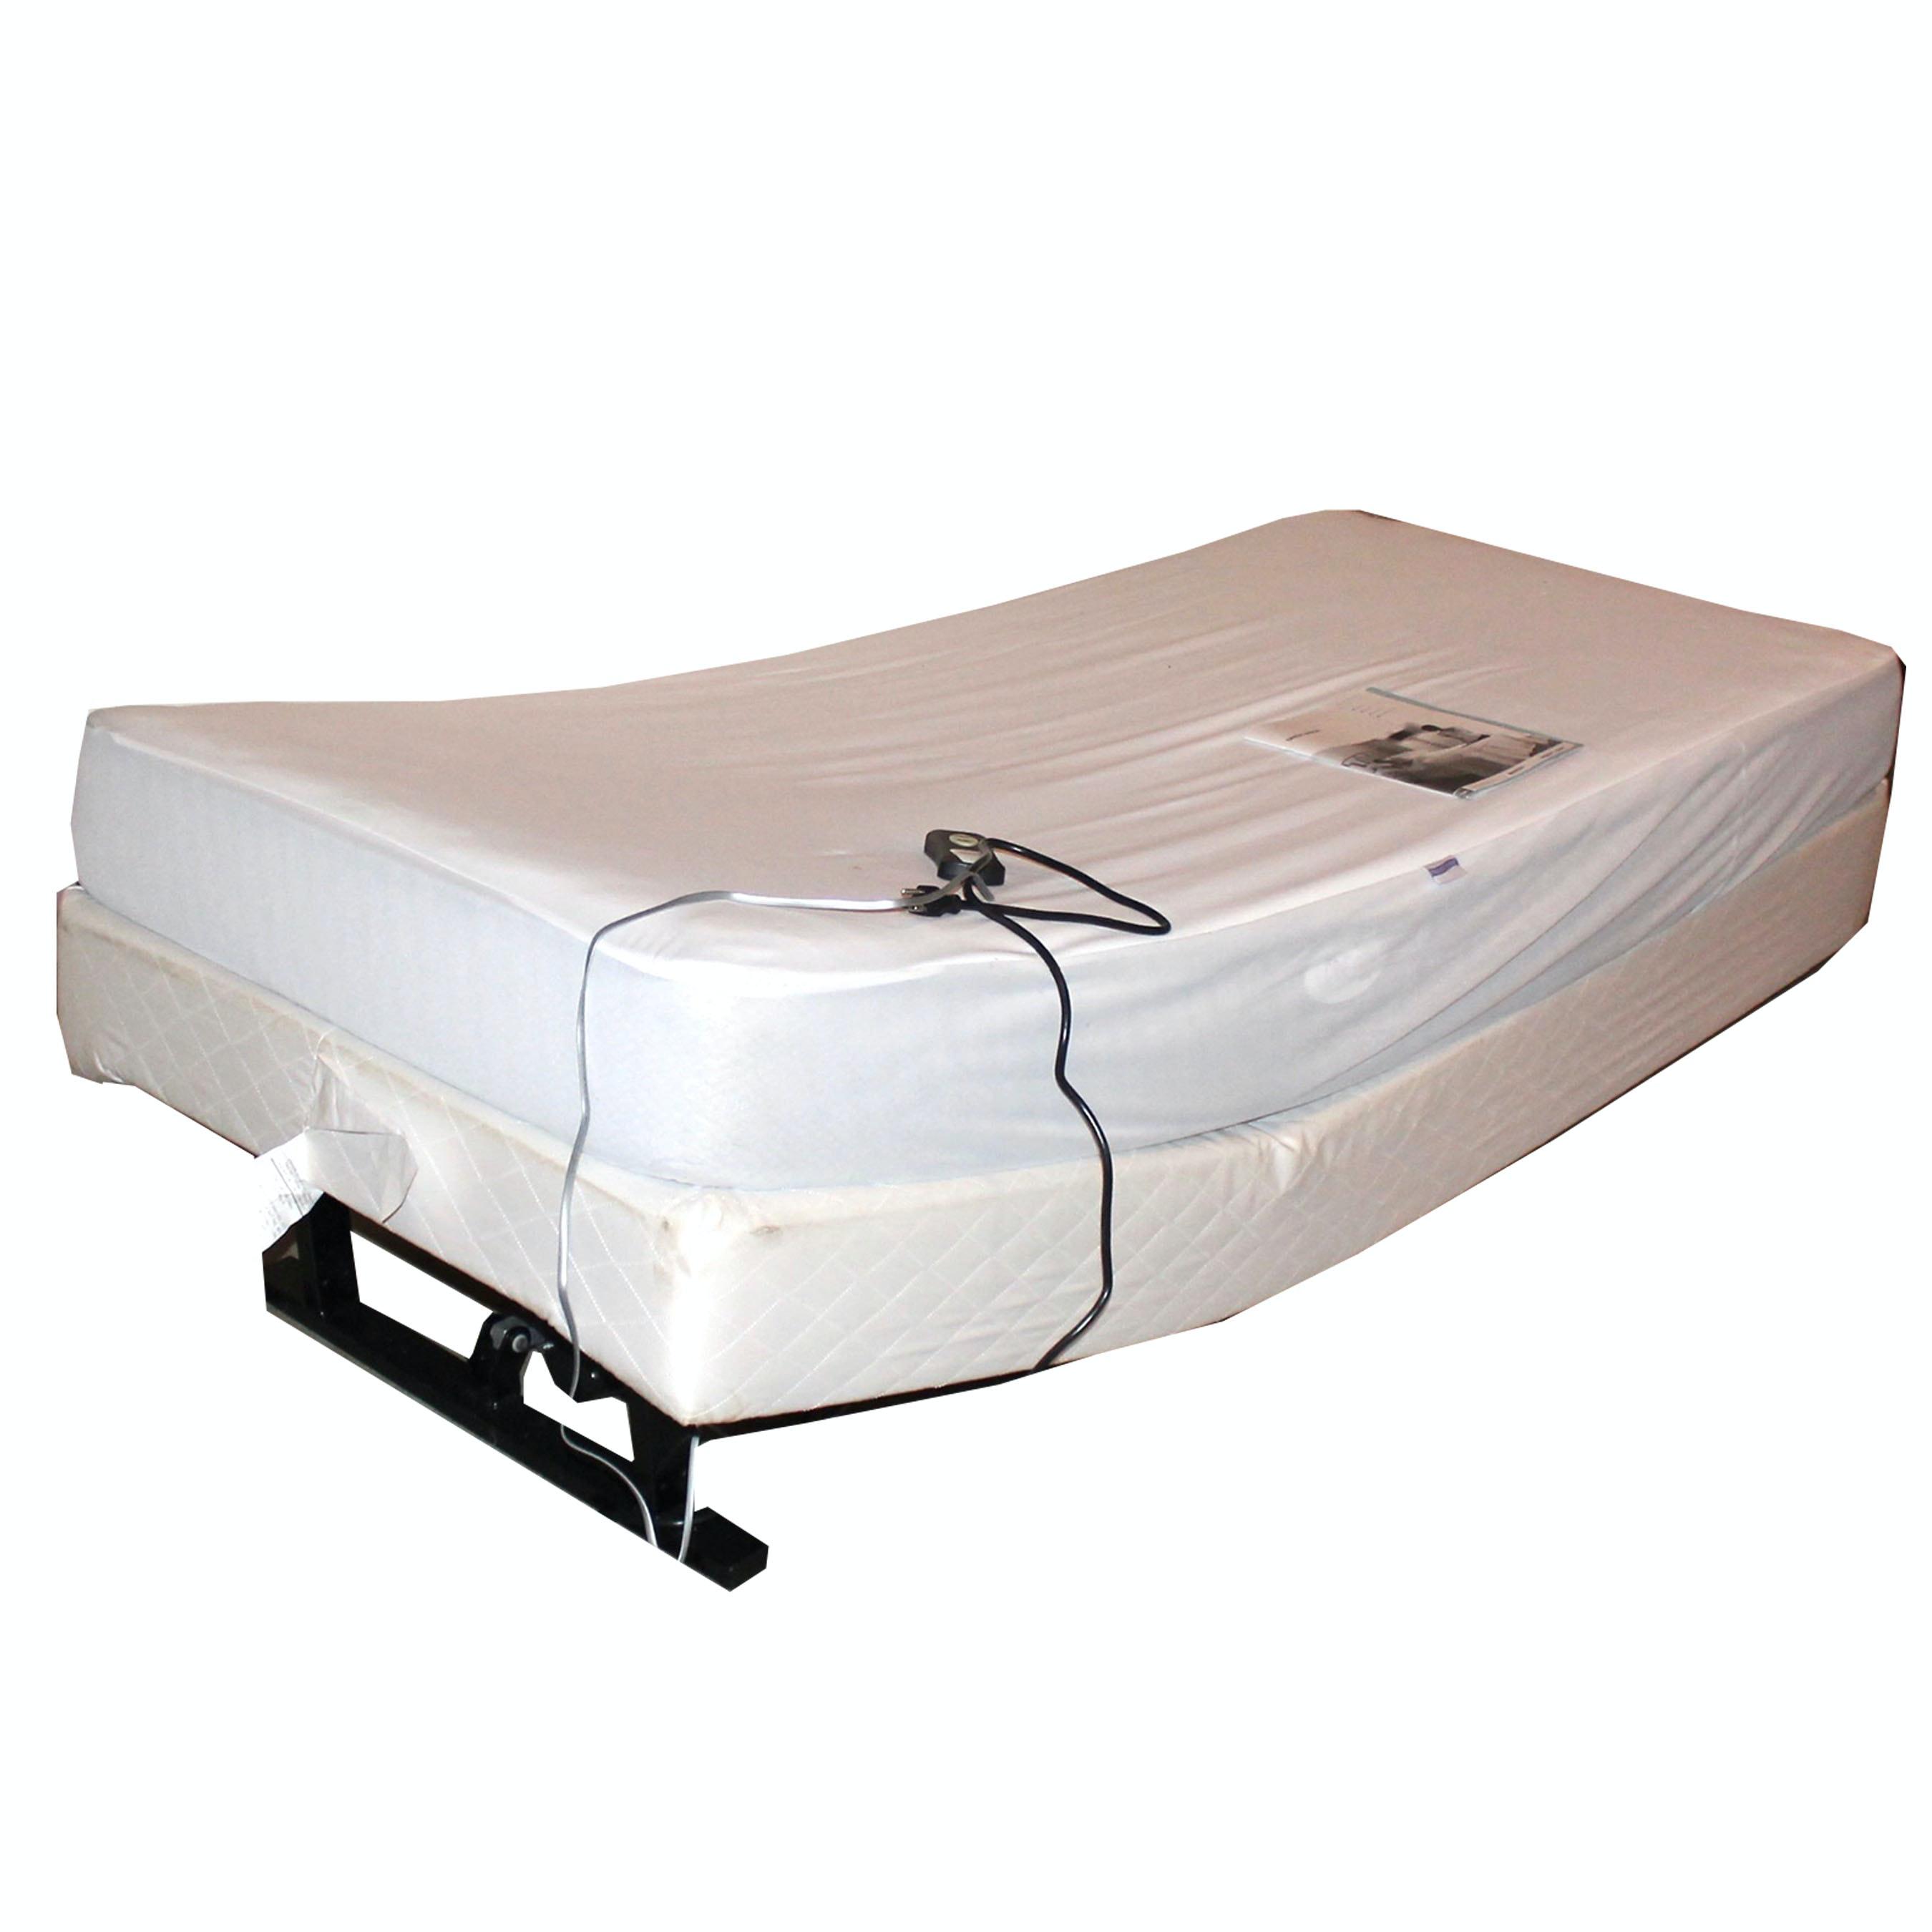 Leggett & Platt Adjustable Bed